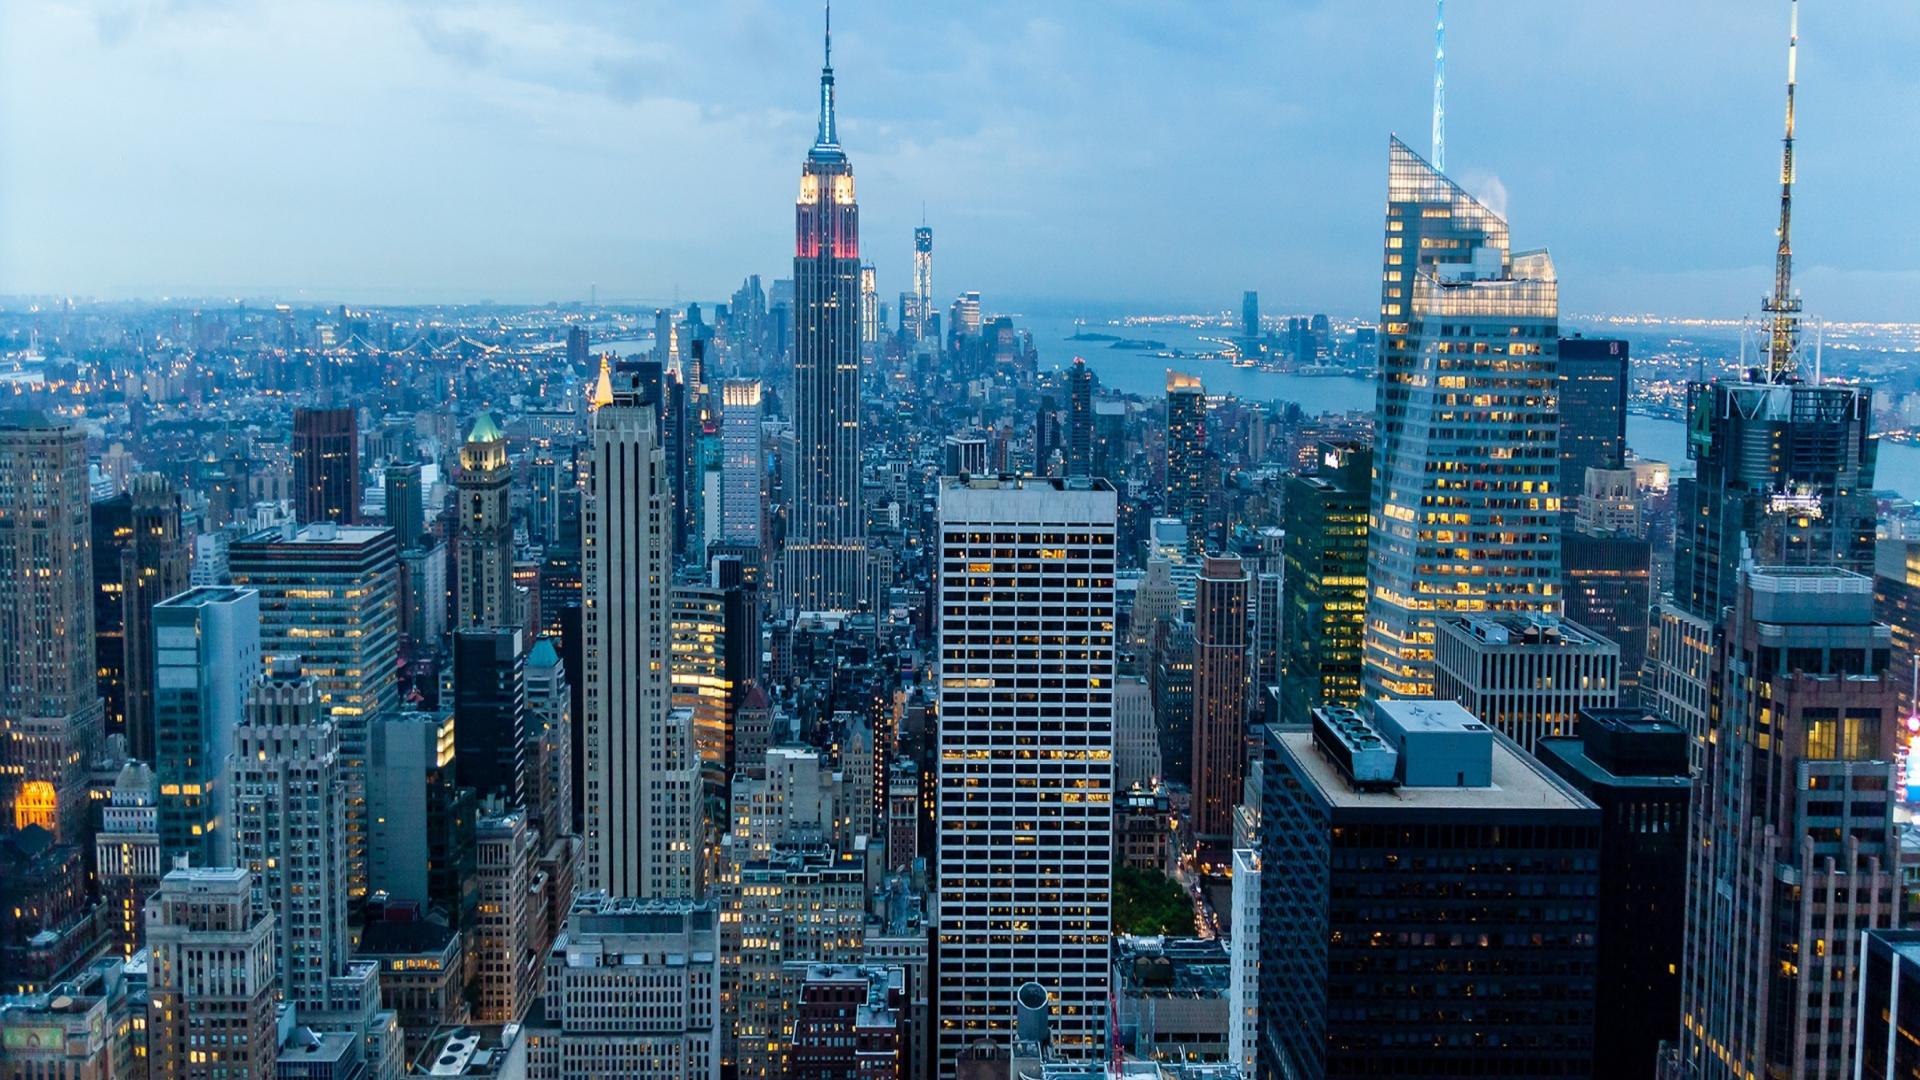 New york lights wallpaper for desktop 1920x1080 full hd for Sfondi new york hd